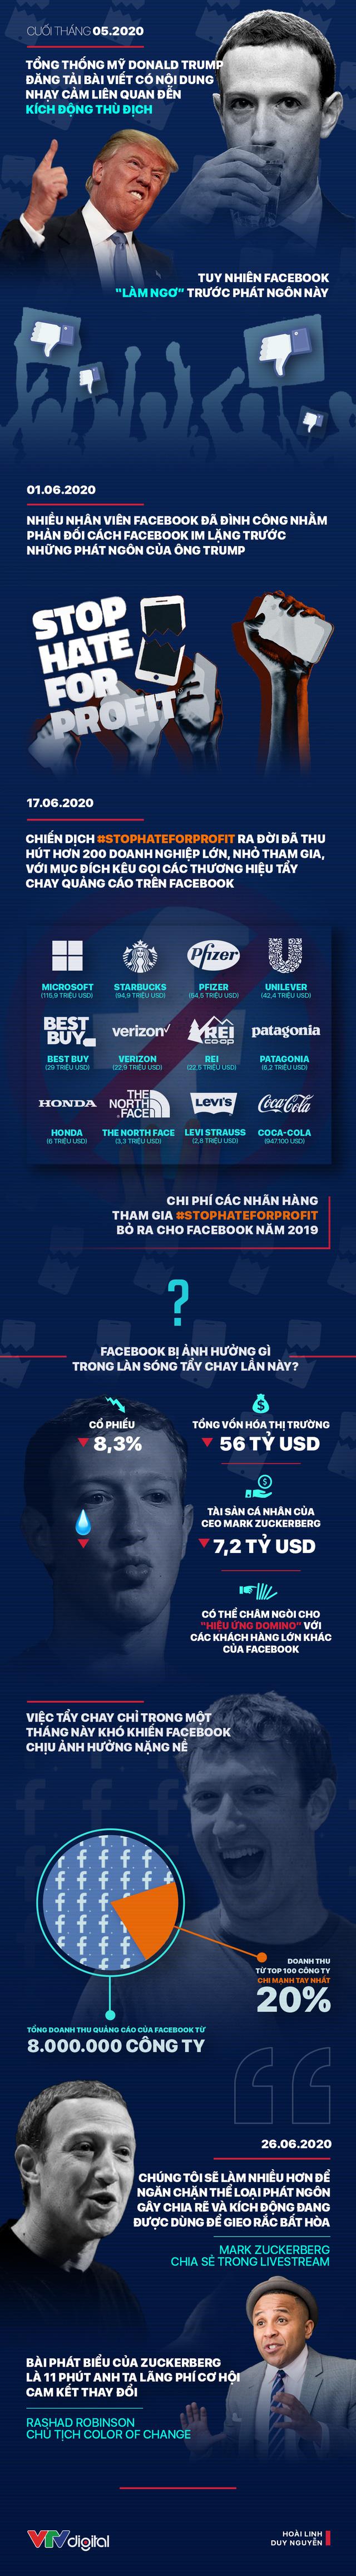 [Infographic] Facebook có hề hấn gì khi bị rút quảng cáo? - Ảnh 1.